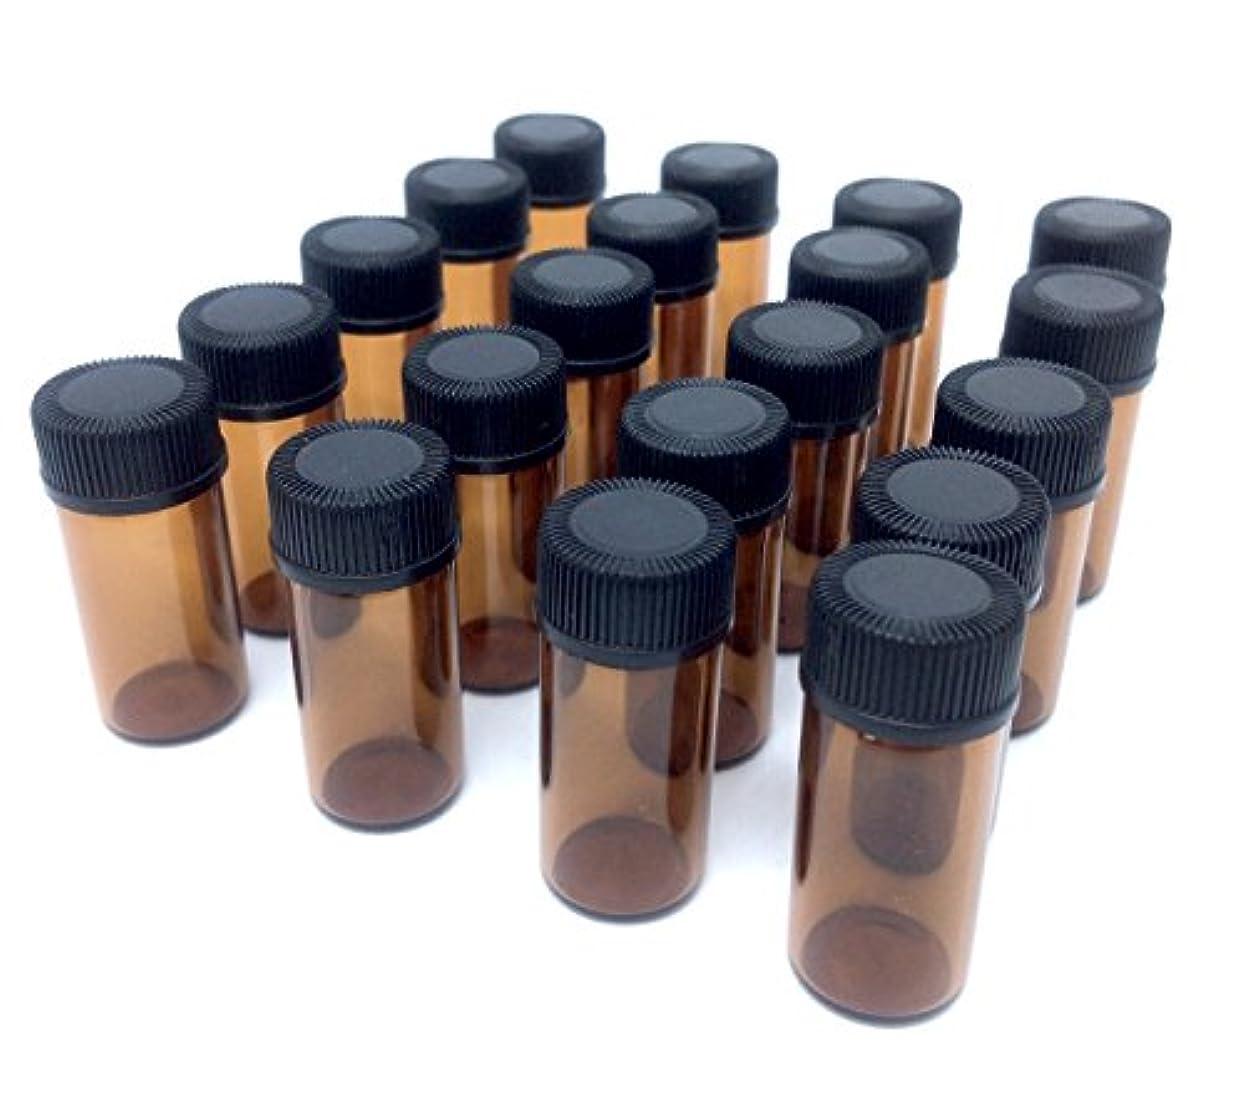 化学掃除大声でアロマオイル 遮光瓶 精油 小分け用 ガラス製 保存容器 20本 セット (3ml)